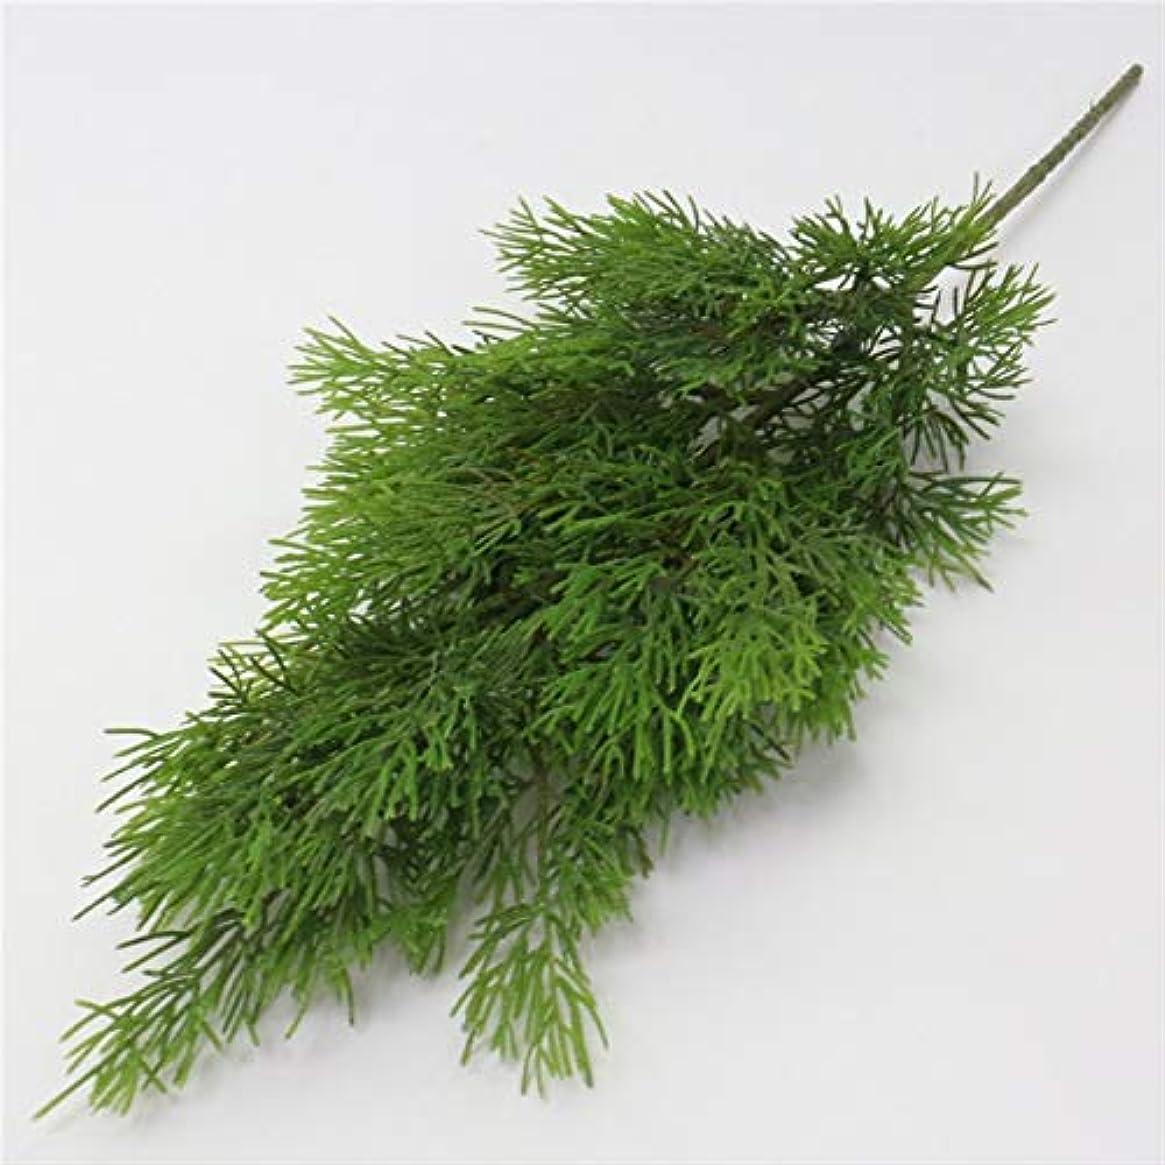 物理的な強大な永久人工観葉植物 シミュレーション葉プラスチックフェイク花装飾的な葉のホームリビングルームの庭の装飾グリーン人工植物 YXJJP (Color : 緑, Size : One Size)